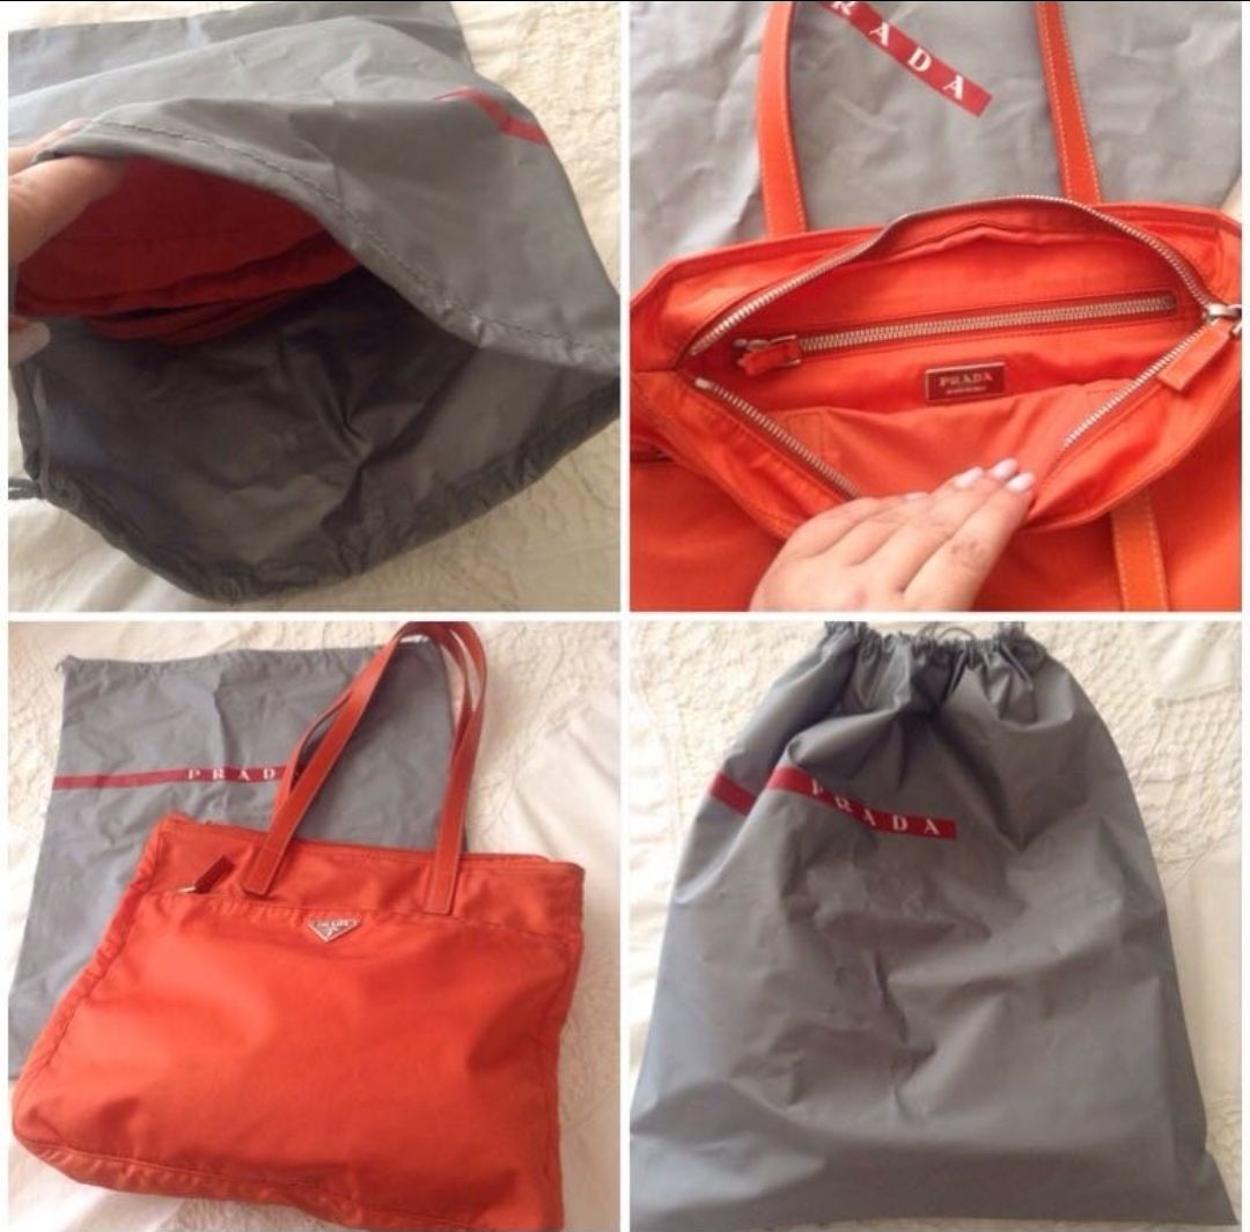 Prada Kol çantası